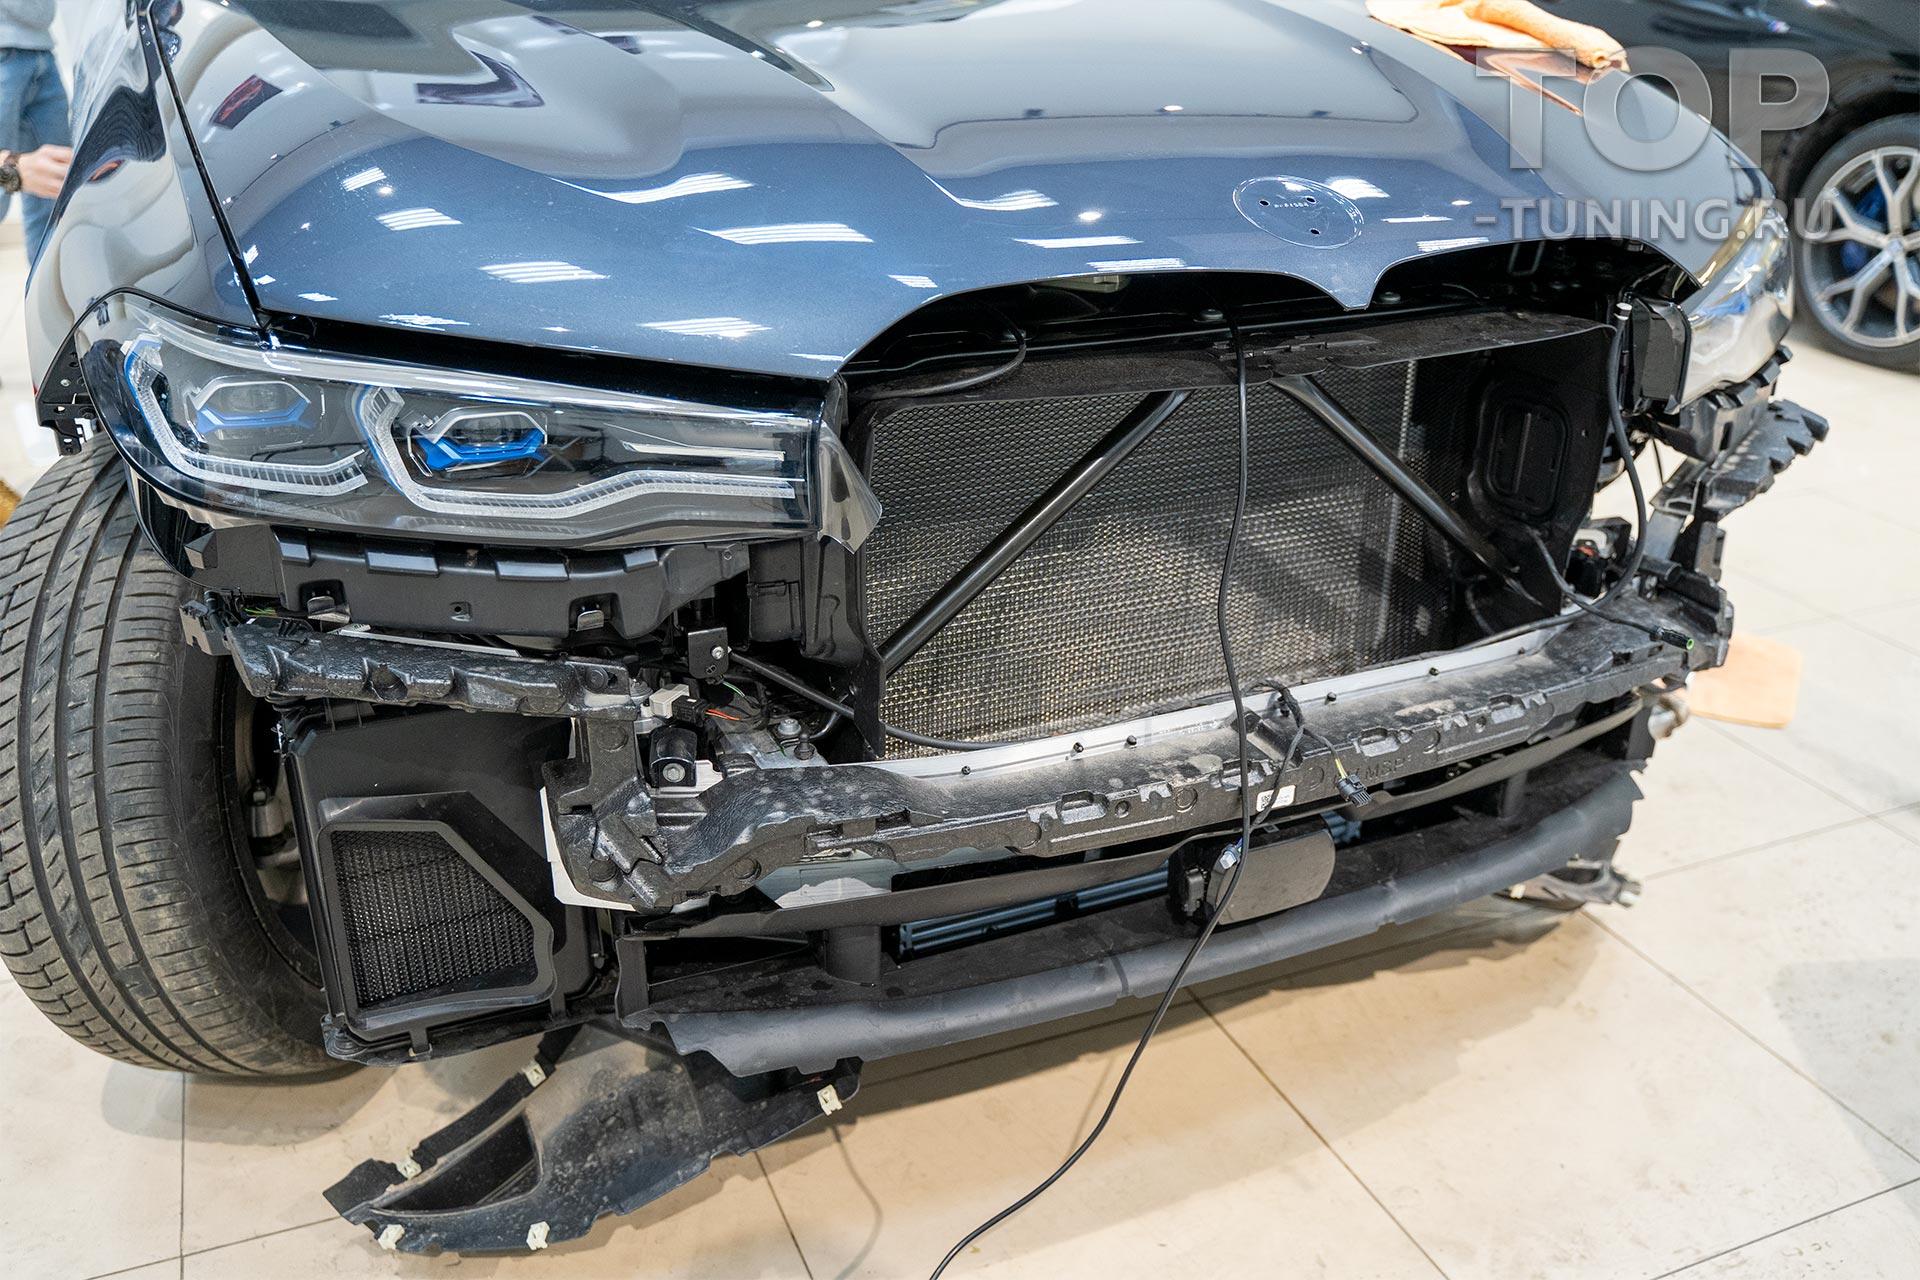 Сетка фильтр в бампер и решетку радиатора BMW X7 (установка в Top Tuning Москва)